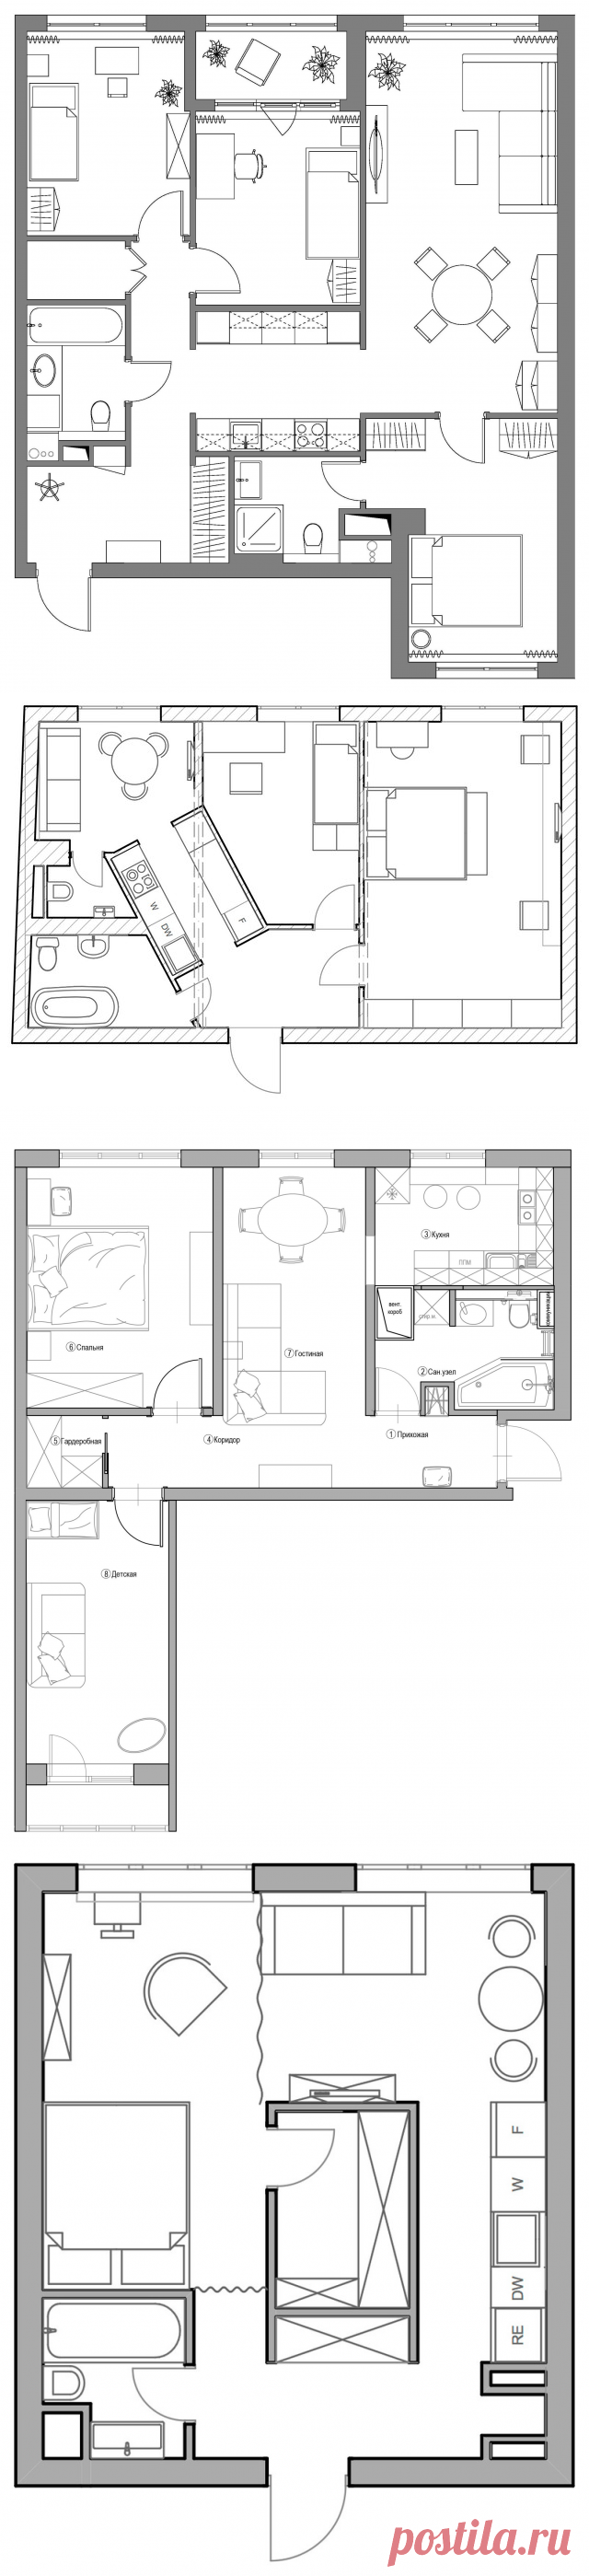 Дизайн интерьера маленькой квартиры, фото дизайна маленьких квартир | Houzz Россия